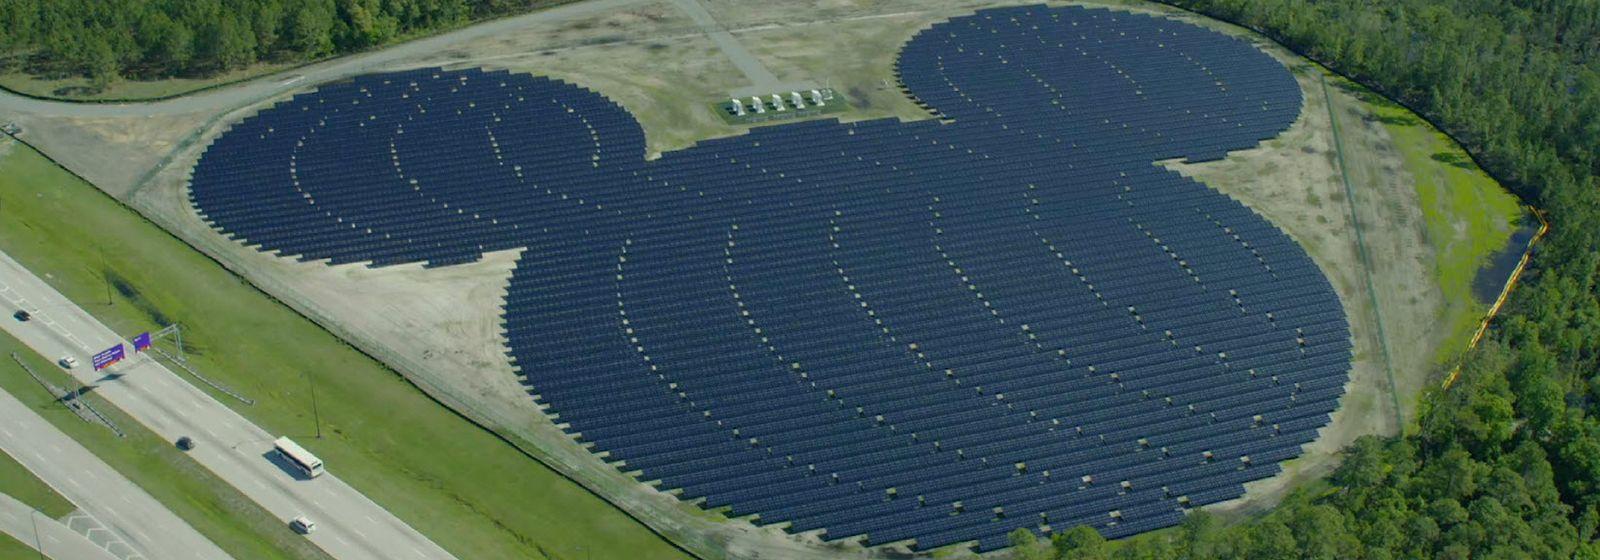 8 Impianti Solari Pi 249 Belli Al Mondo Lifegate